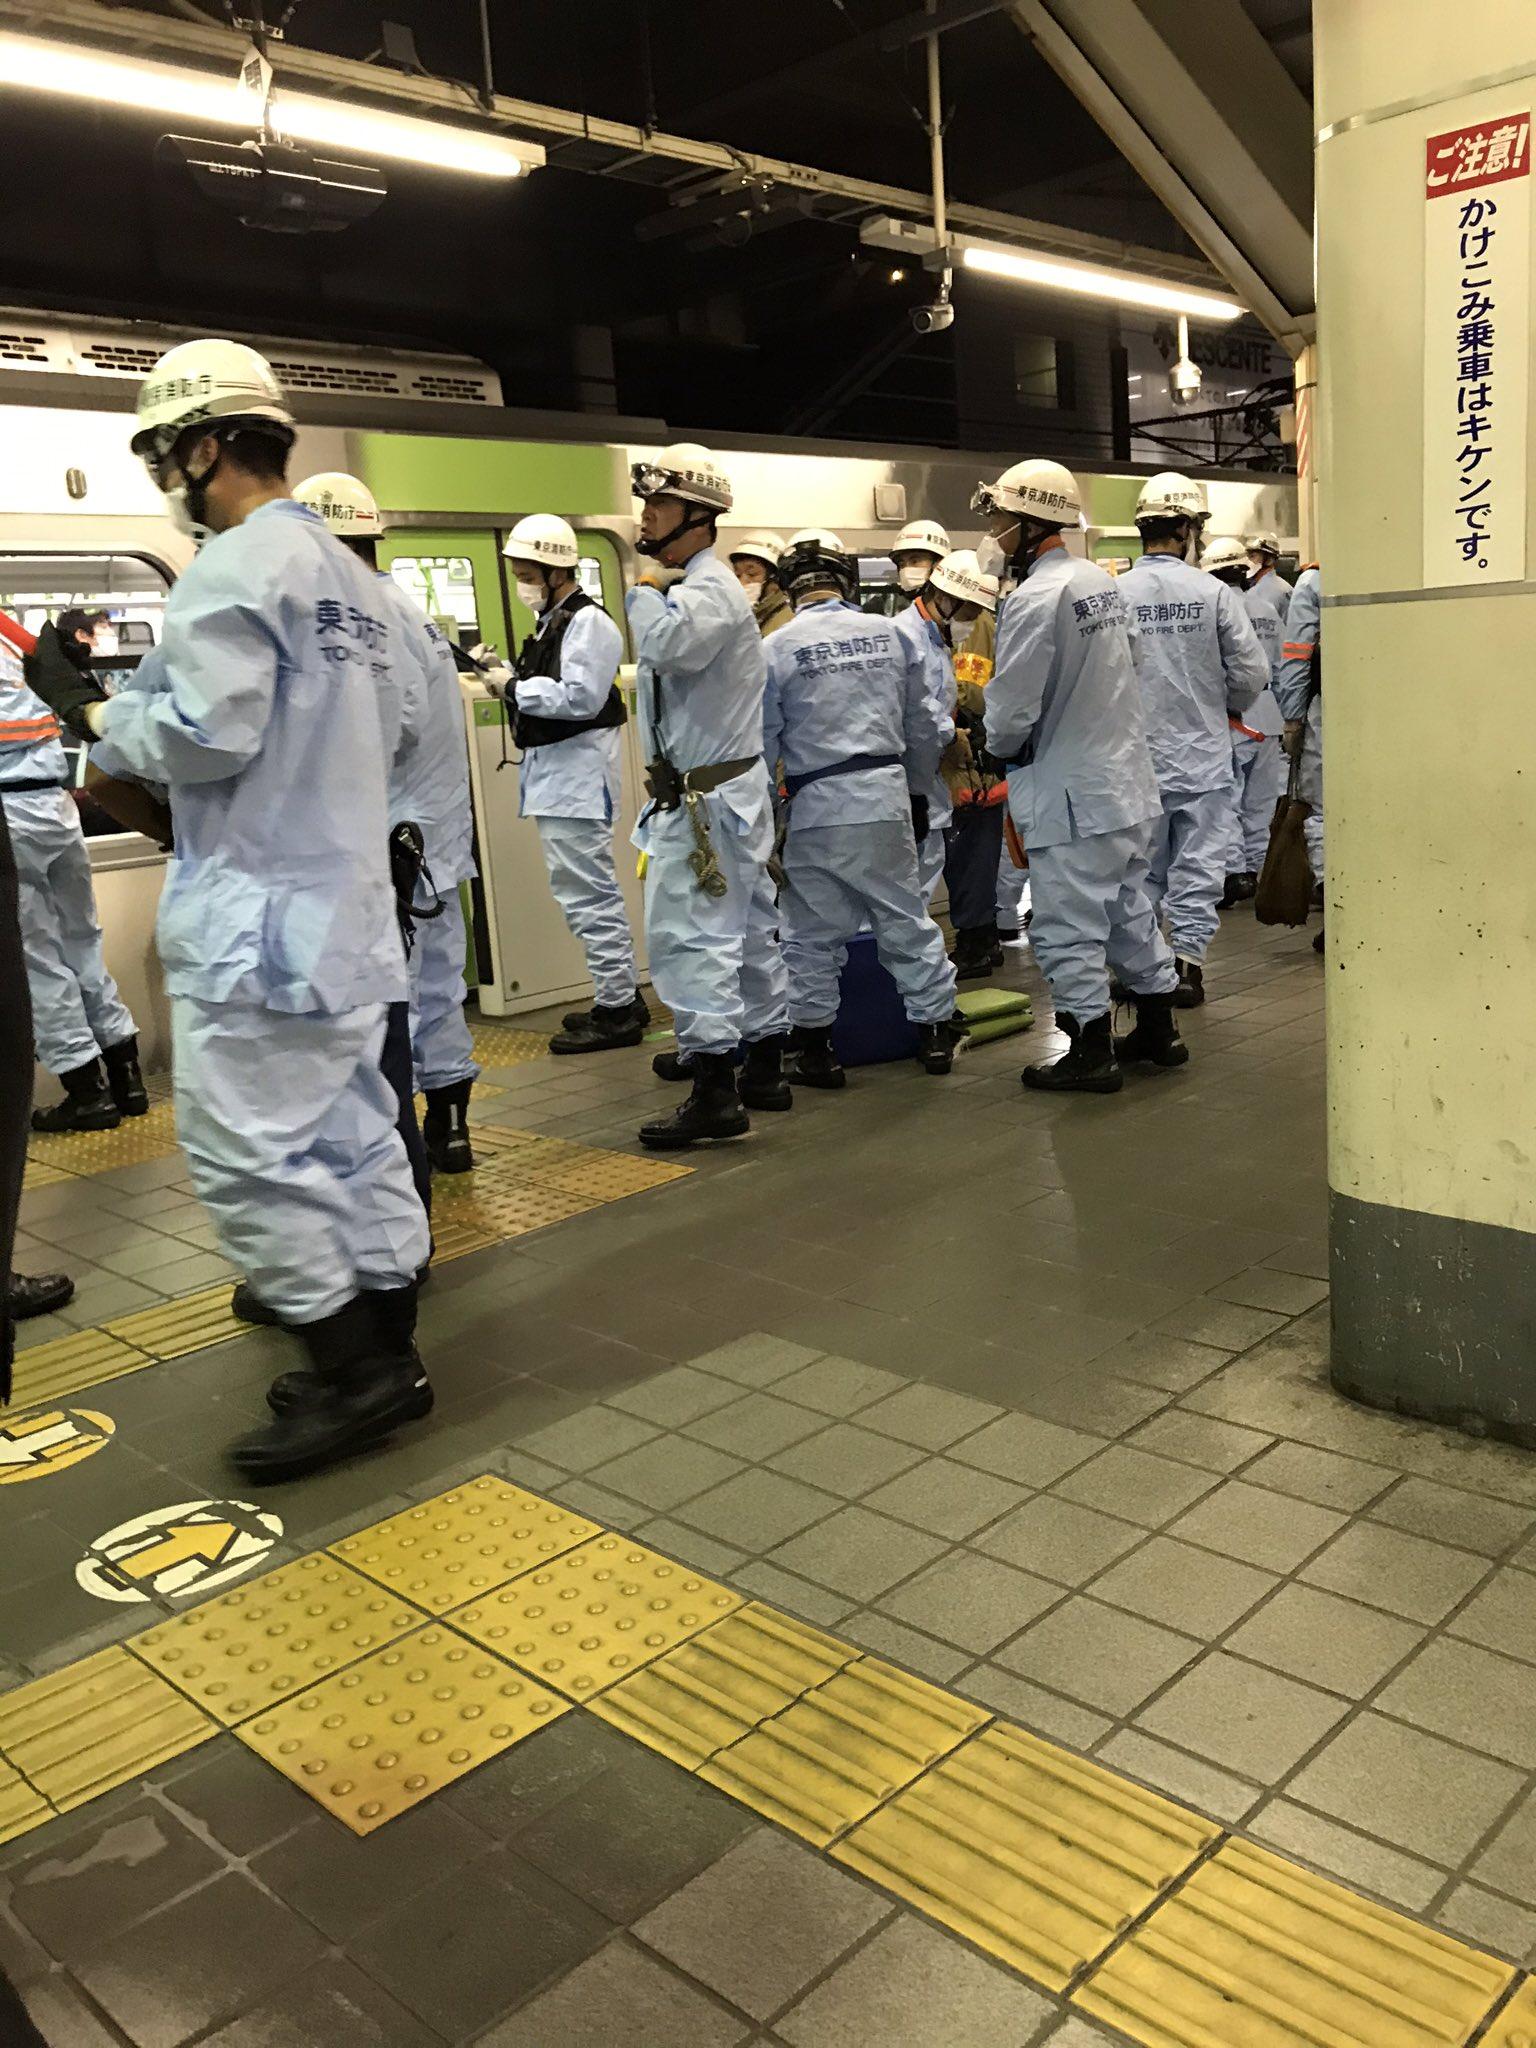 山手線の目白駅の人身事故で救護活動している画像